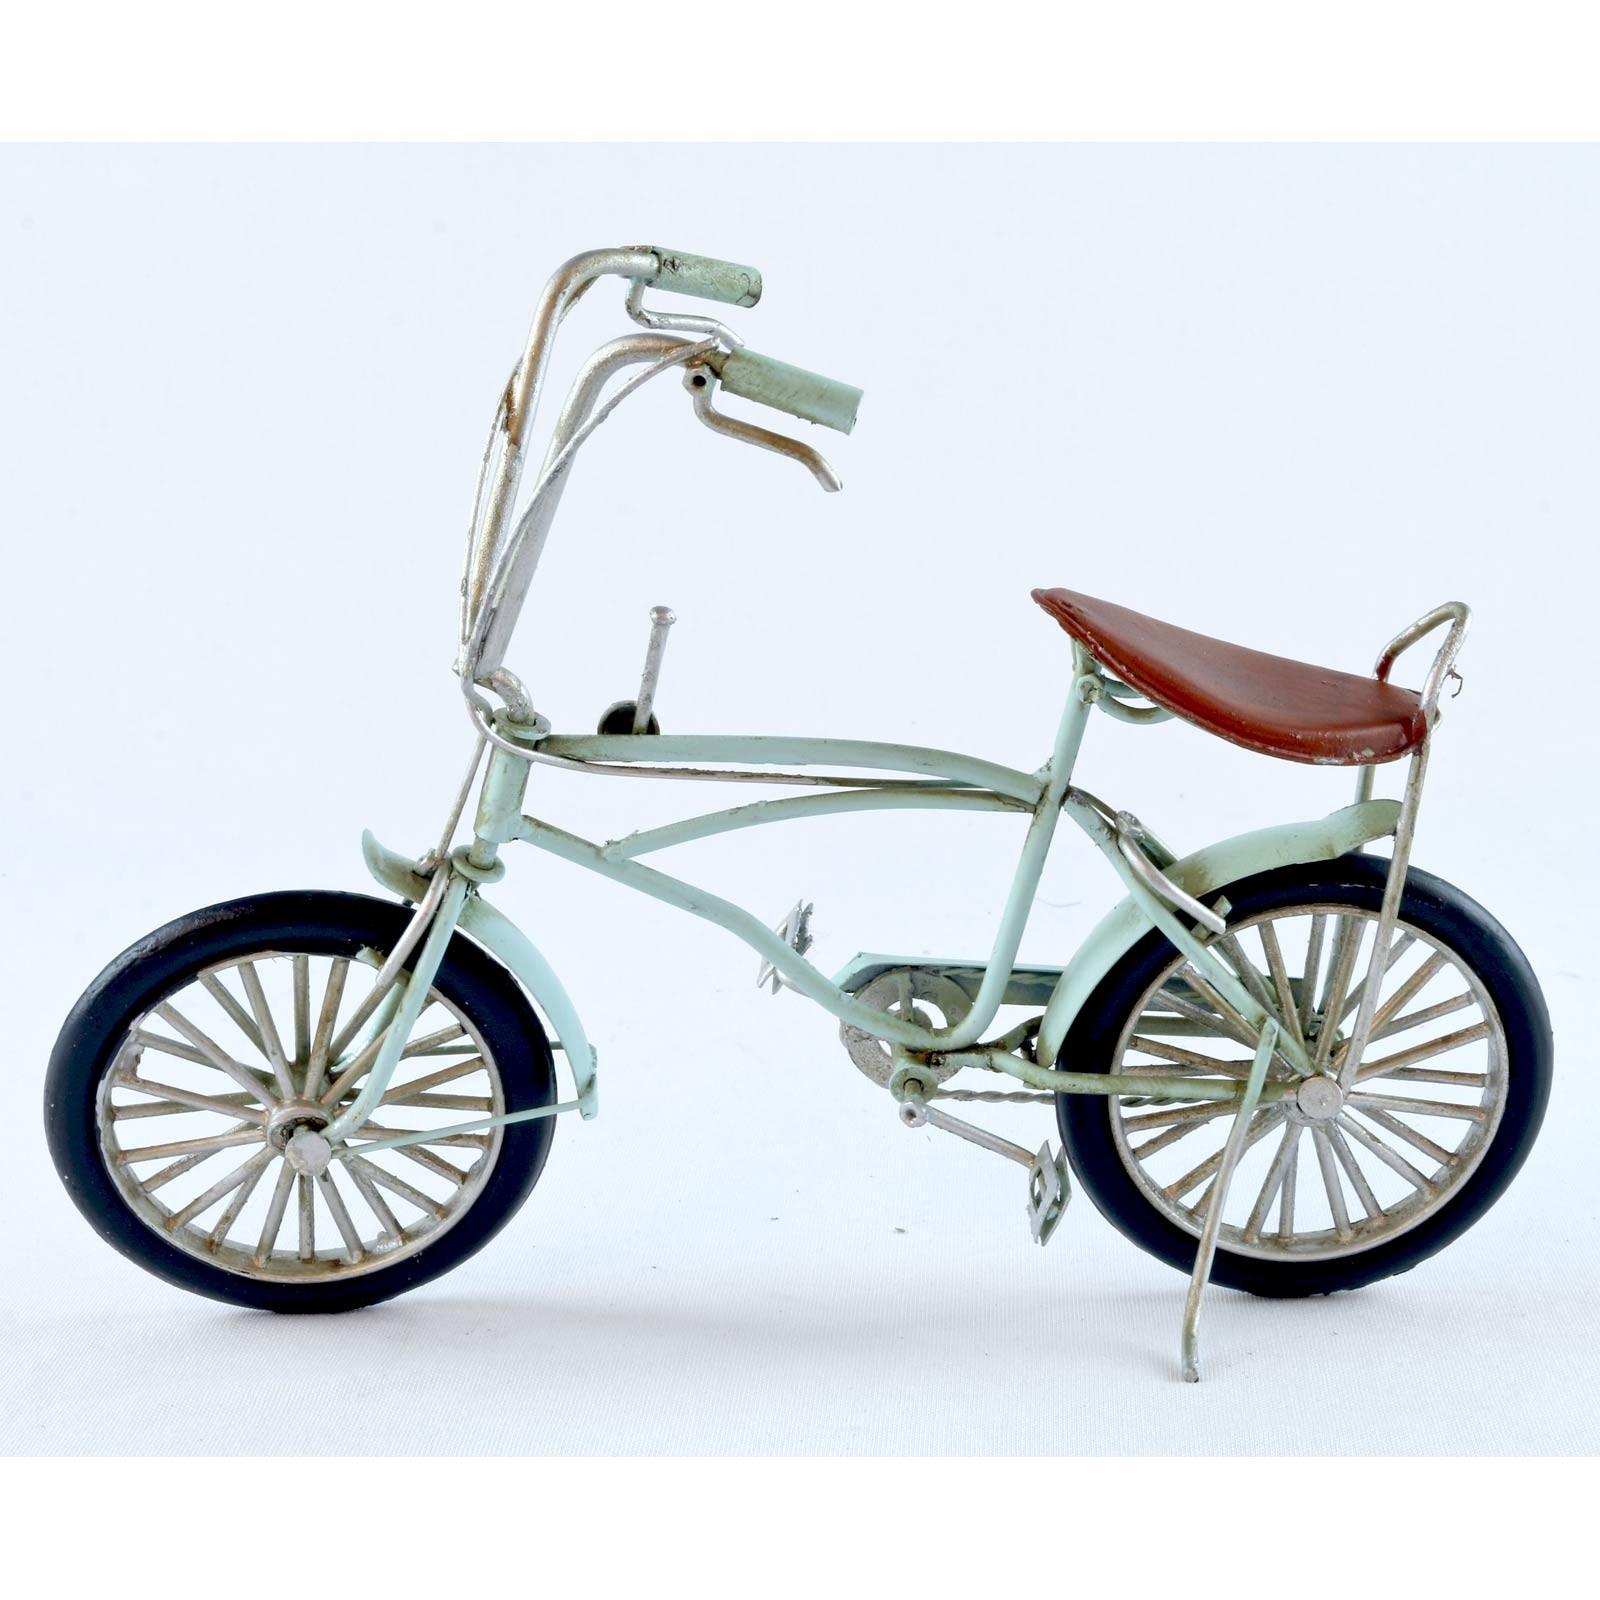 Vintage Bicycle Chopper